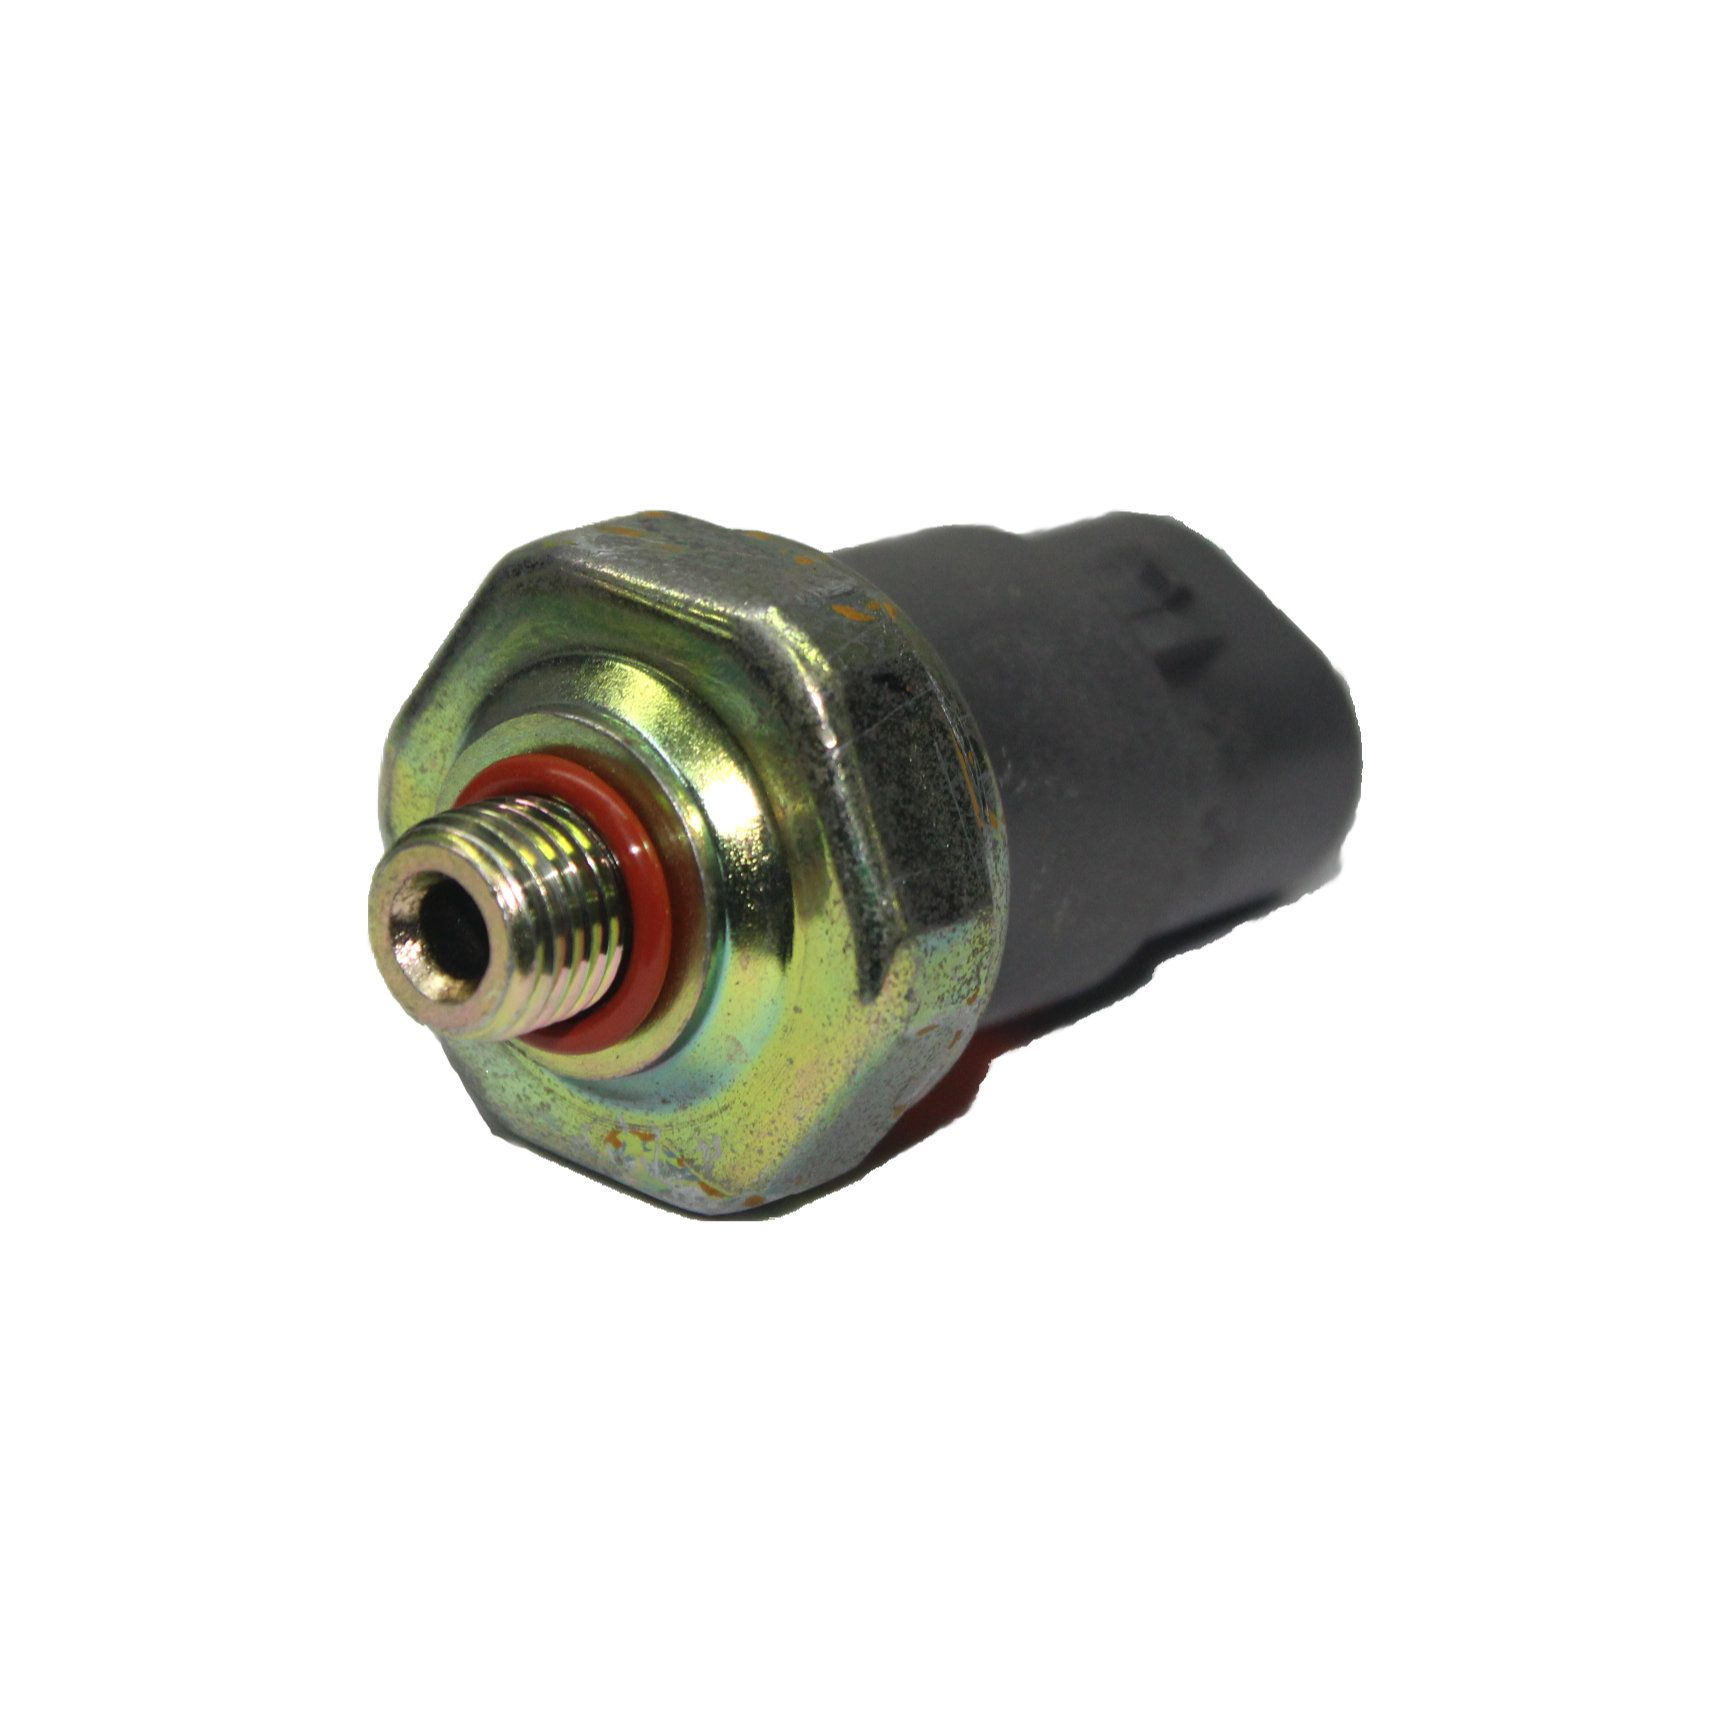 Pressostato Ar Condicionado Fiat Uno c/ gás R12